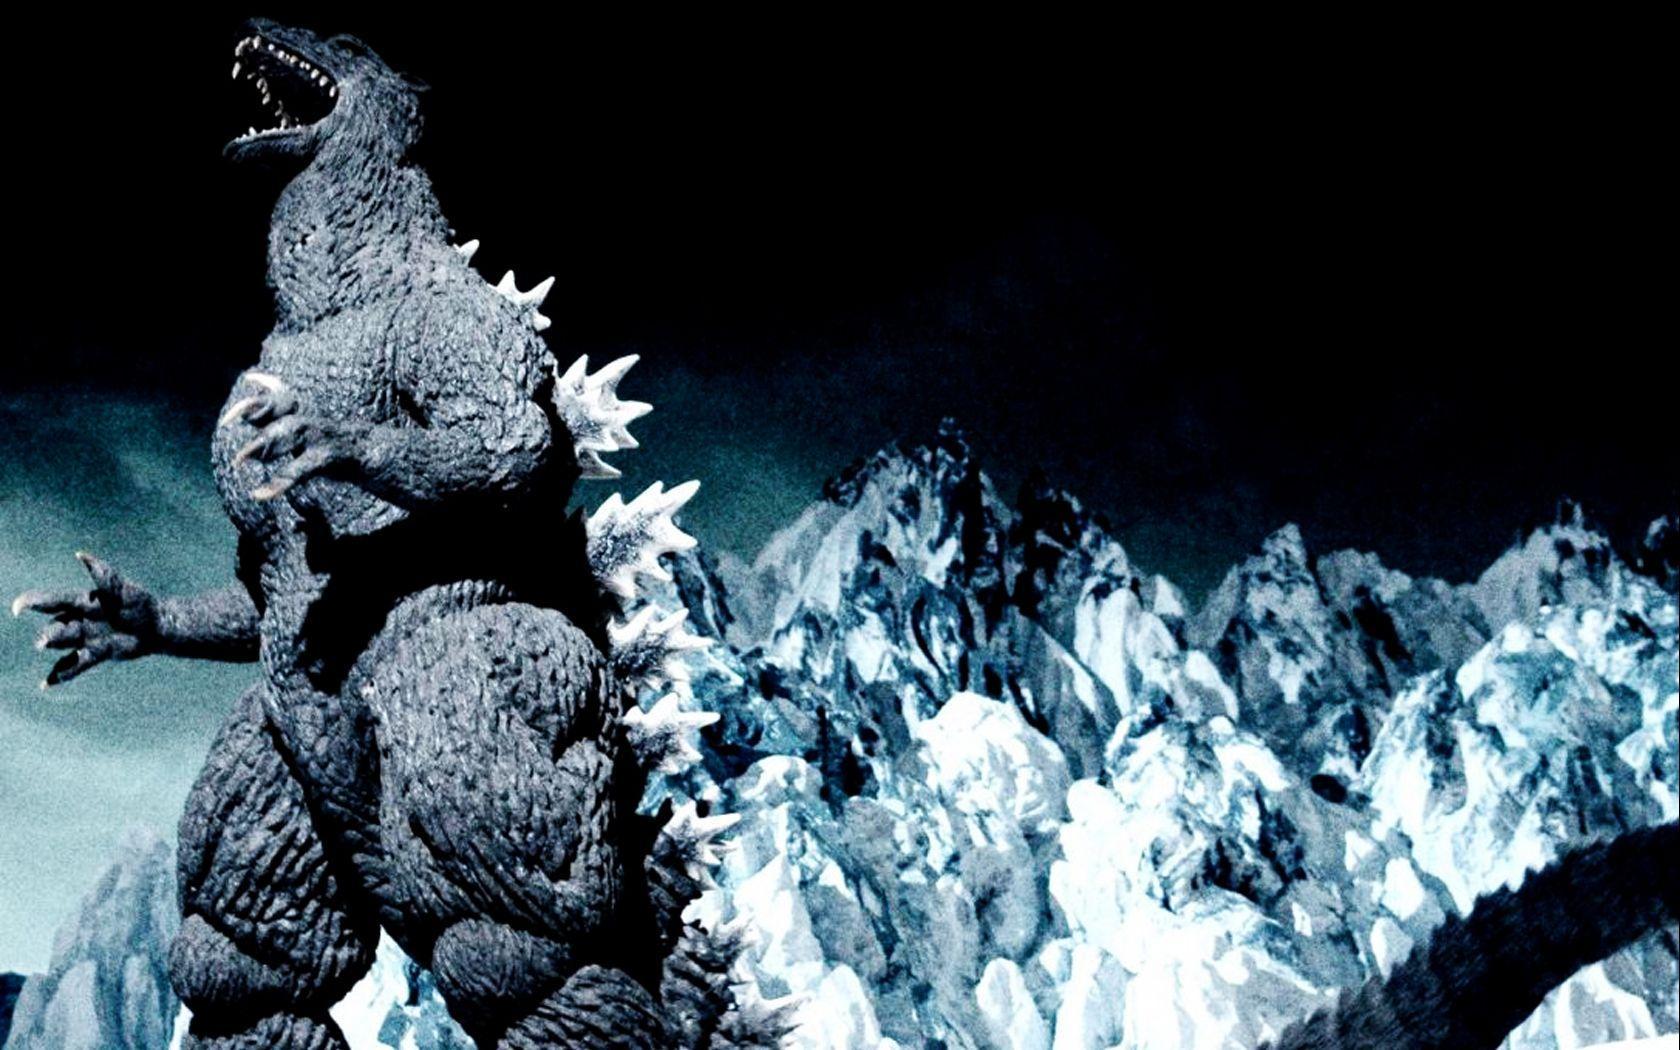 1680x1050 Godzilla hình nền